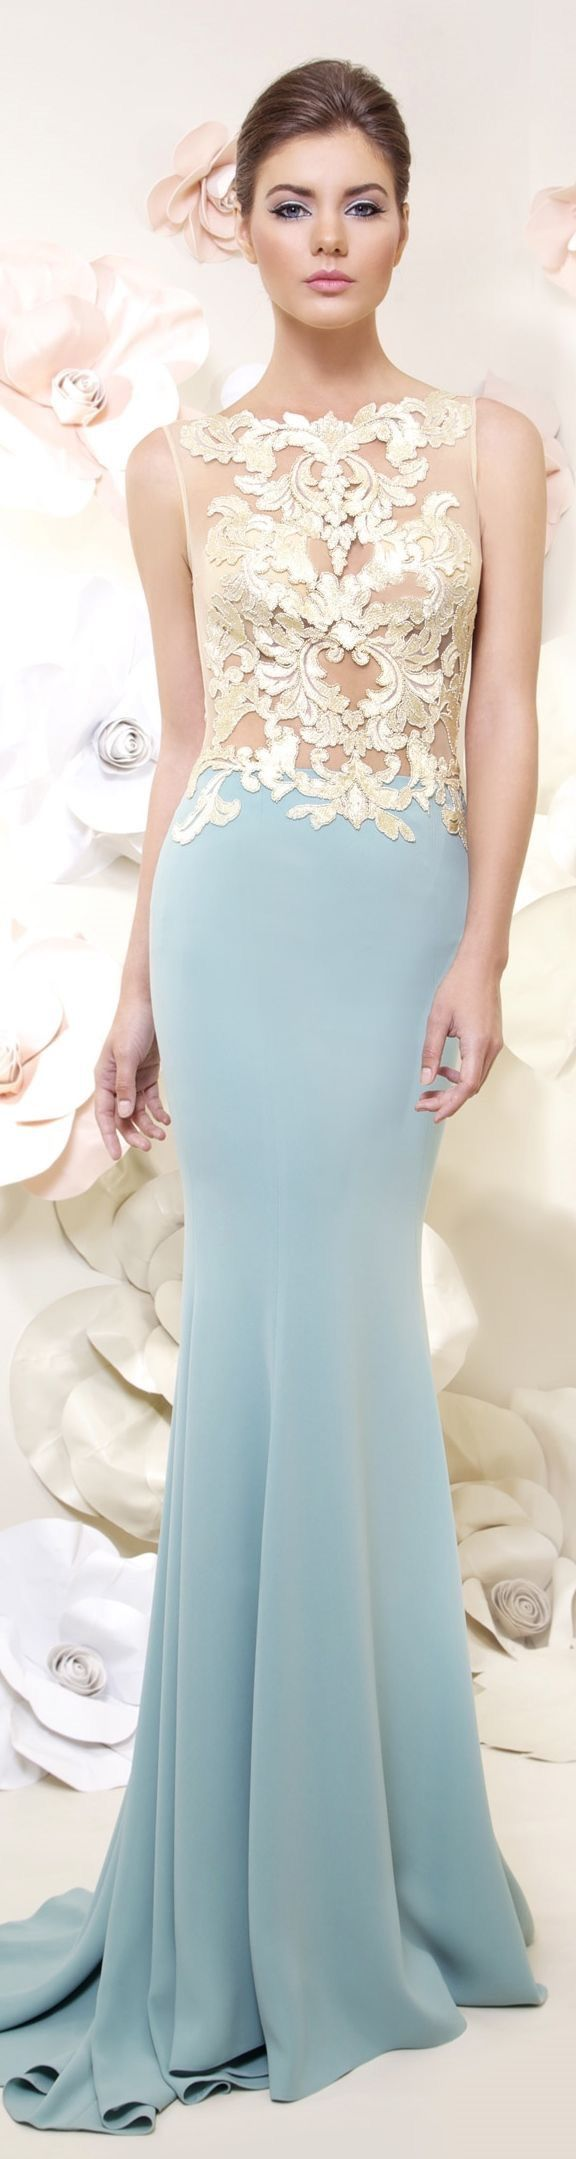 Mejores 522 imágenes de Vestidos en Pinterest | Vestidos largos ...